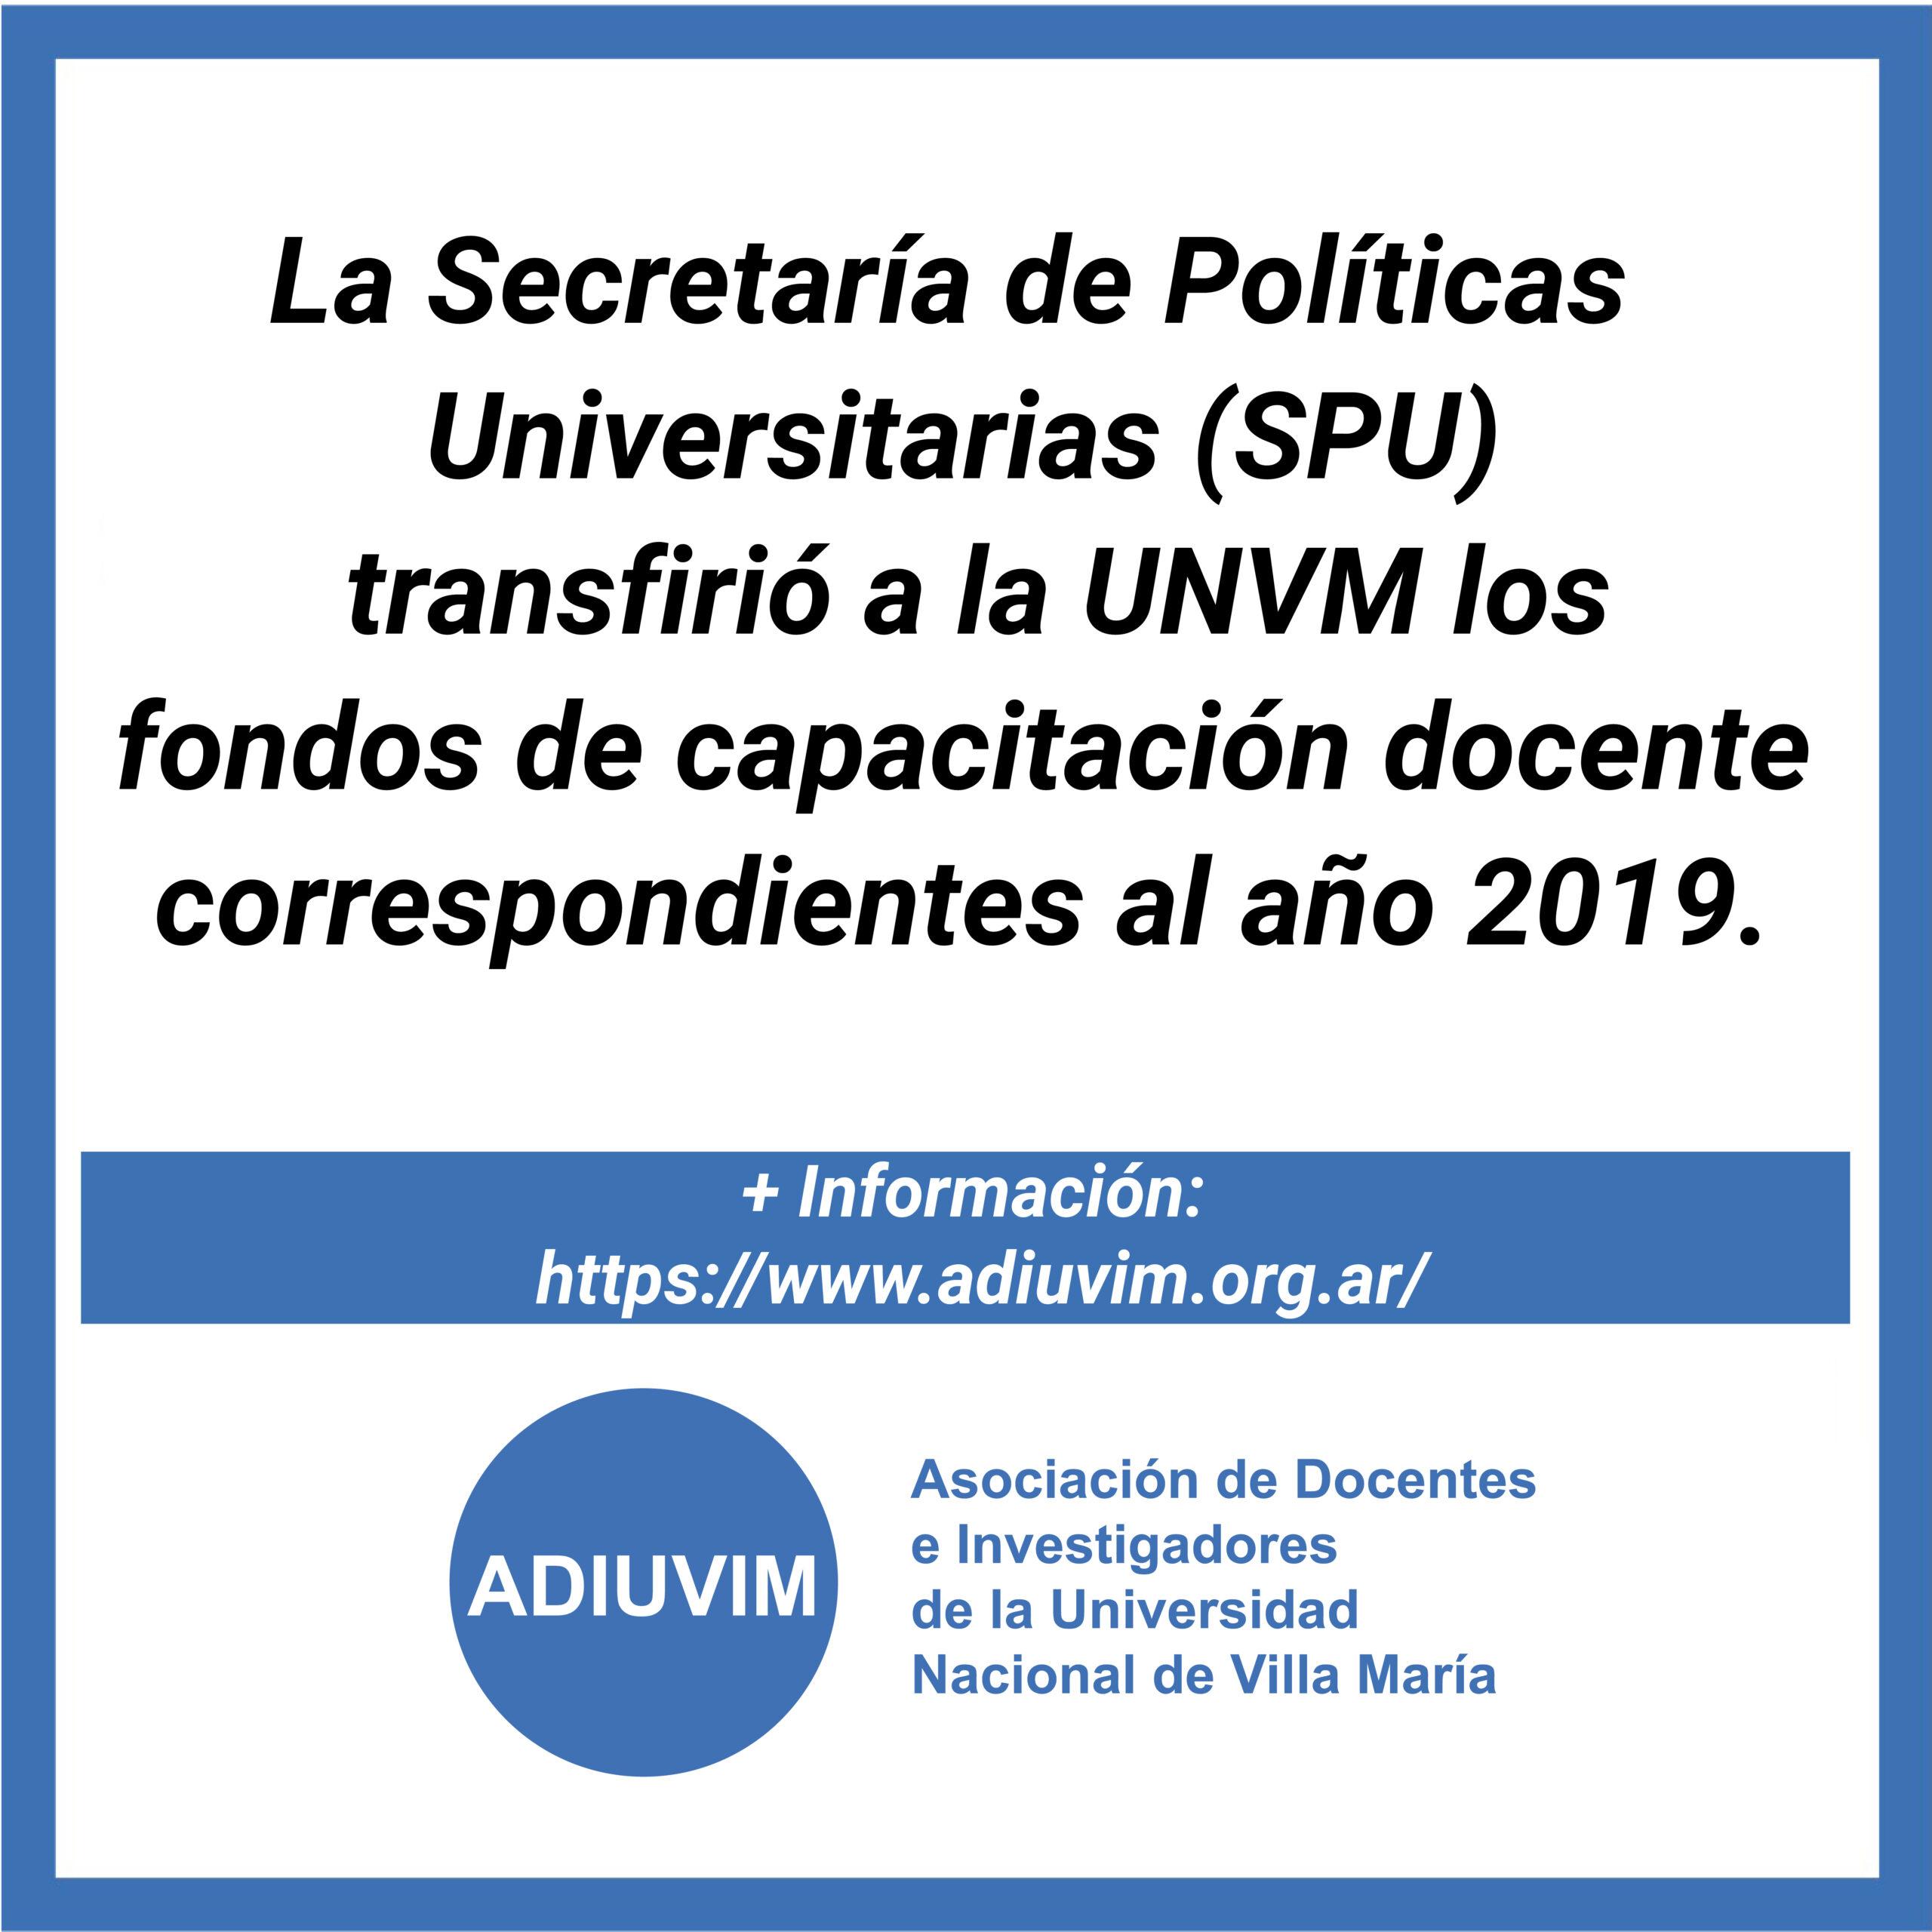 La SPU transfirió a la UNVM los fondos de capacitación docente correspondientes al año 2019